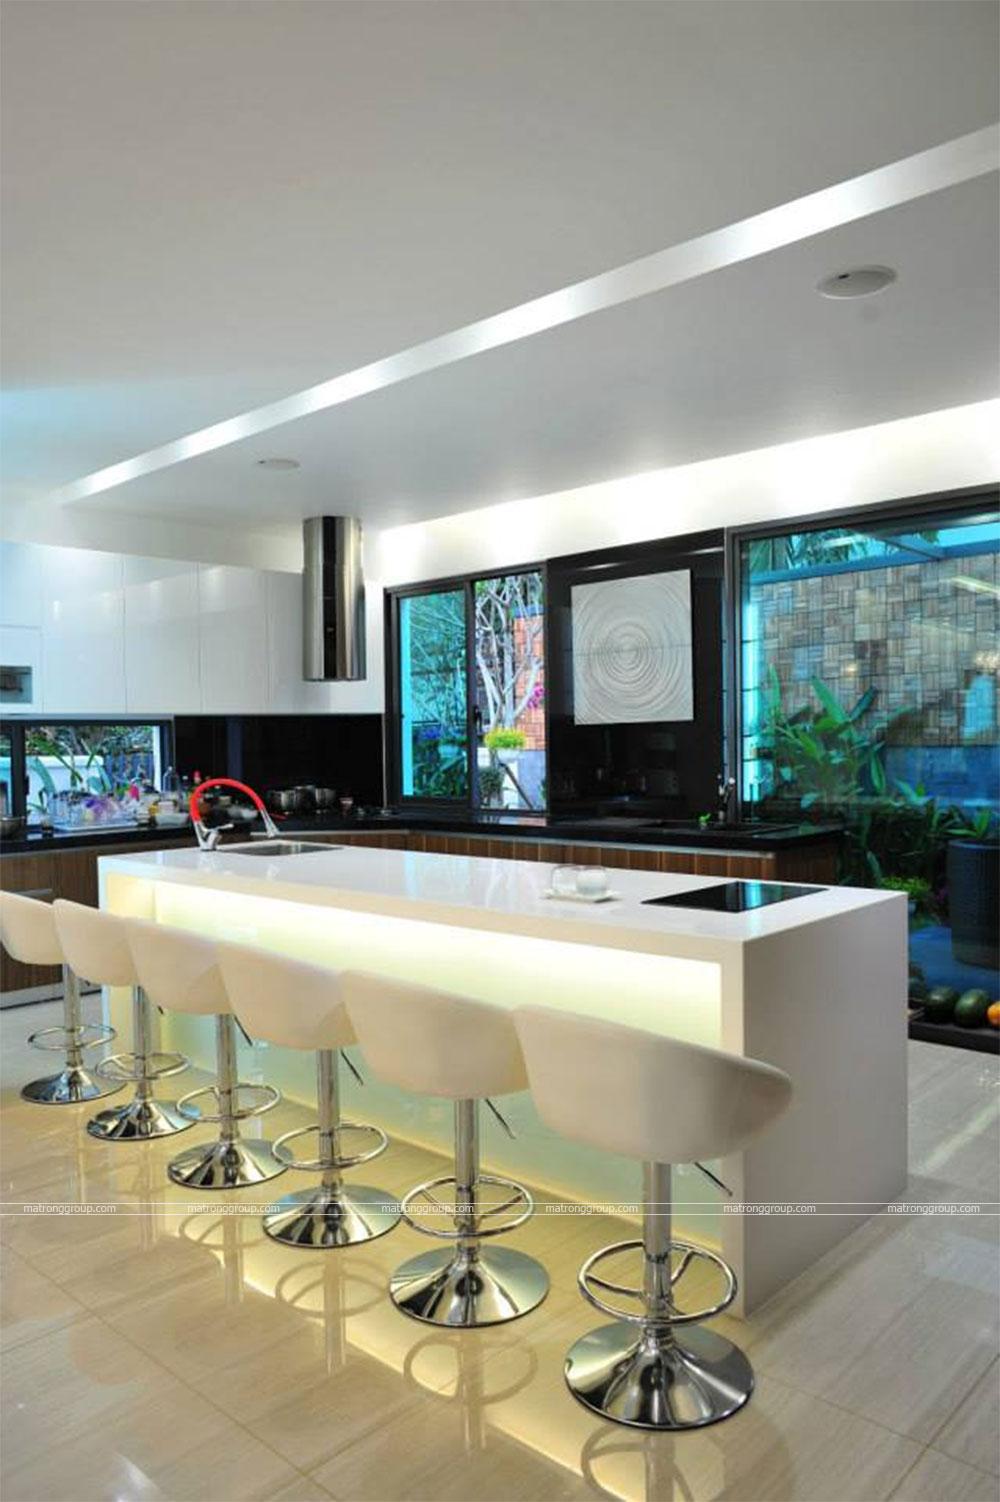 thiết kế thi công nhà phố hiện đại Trường Chinh, Q.12-HCM 10